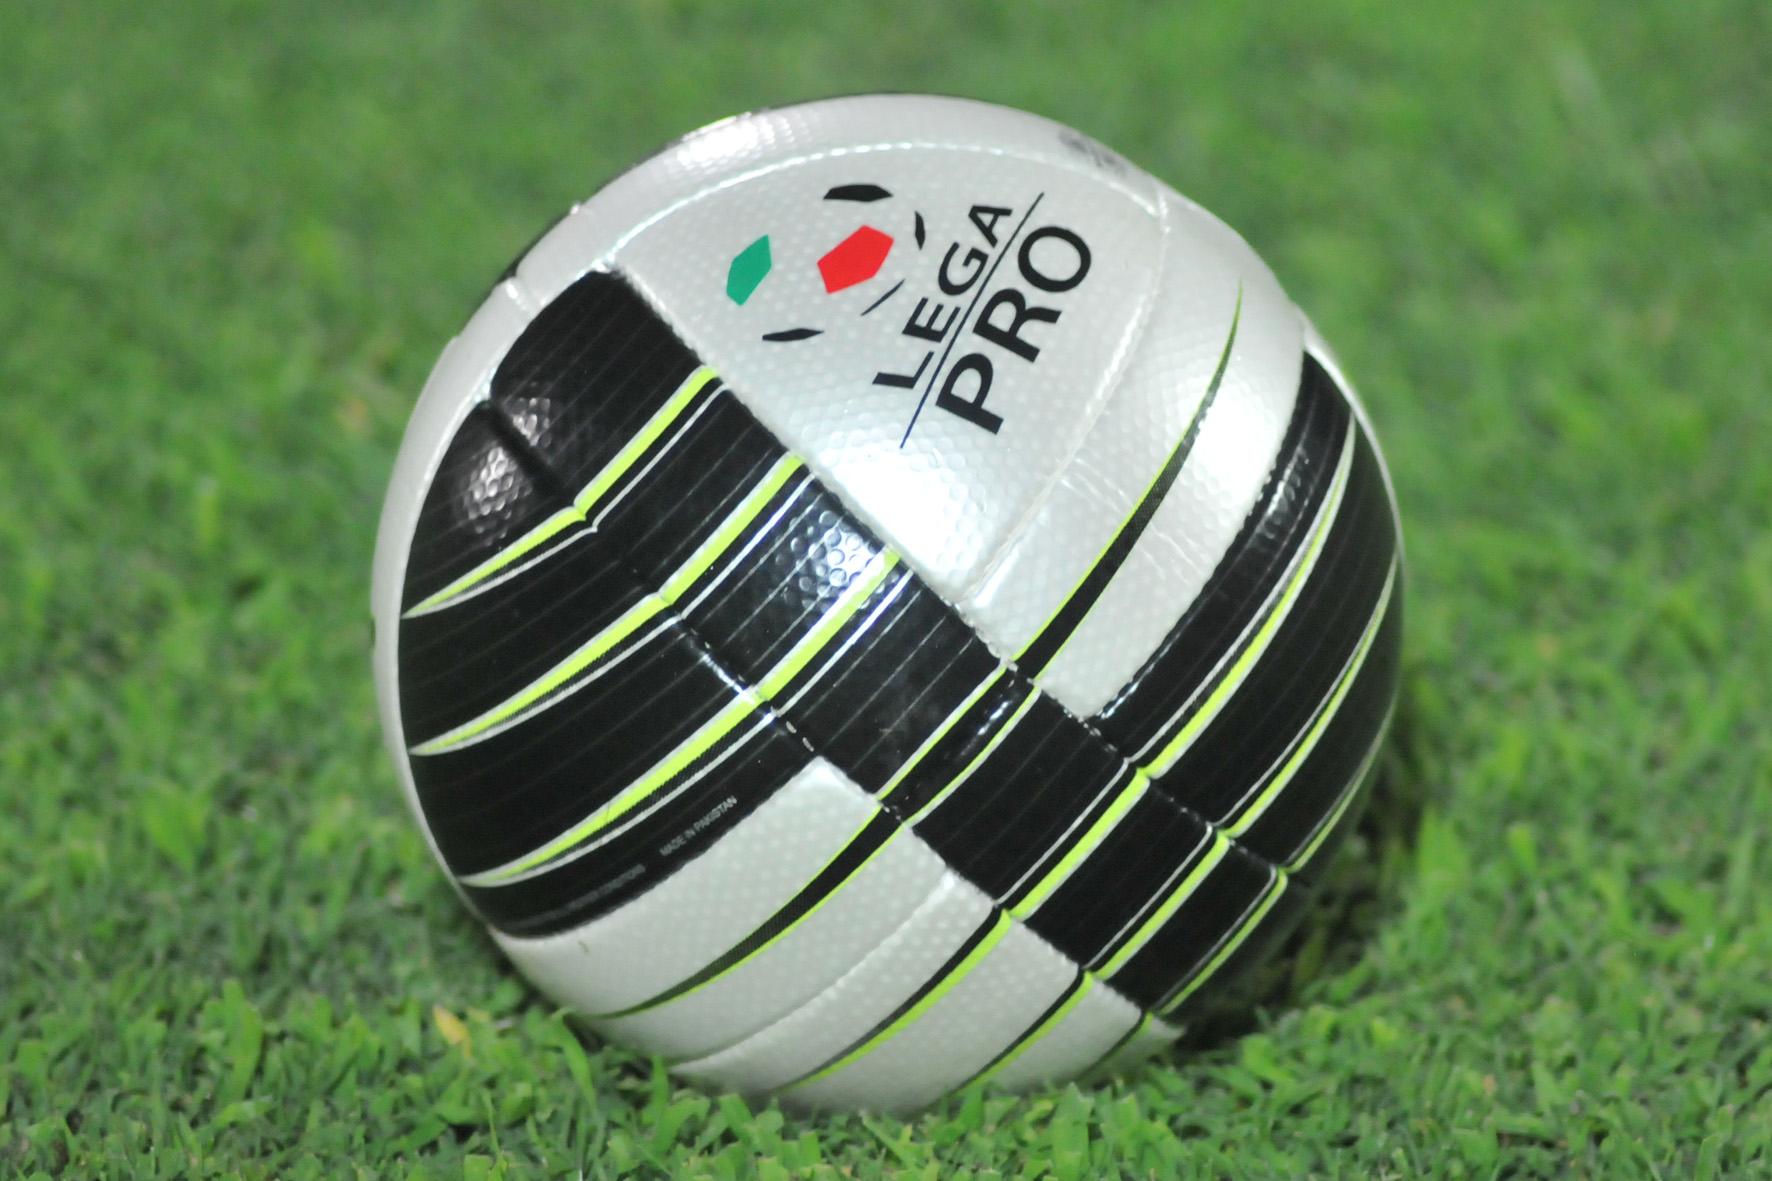 Foto: www.calciotoscano.it